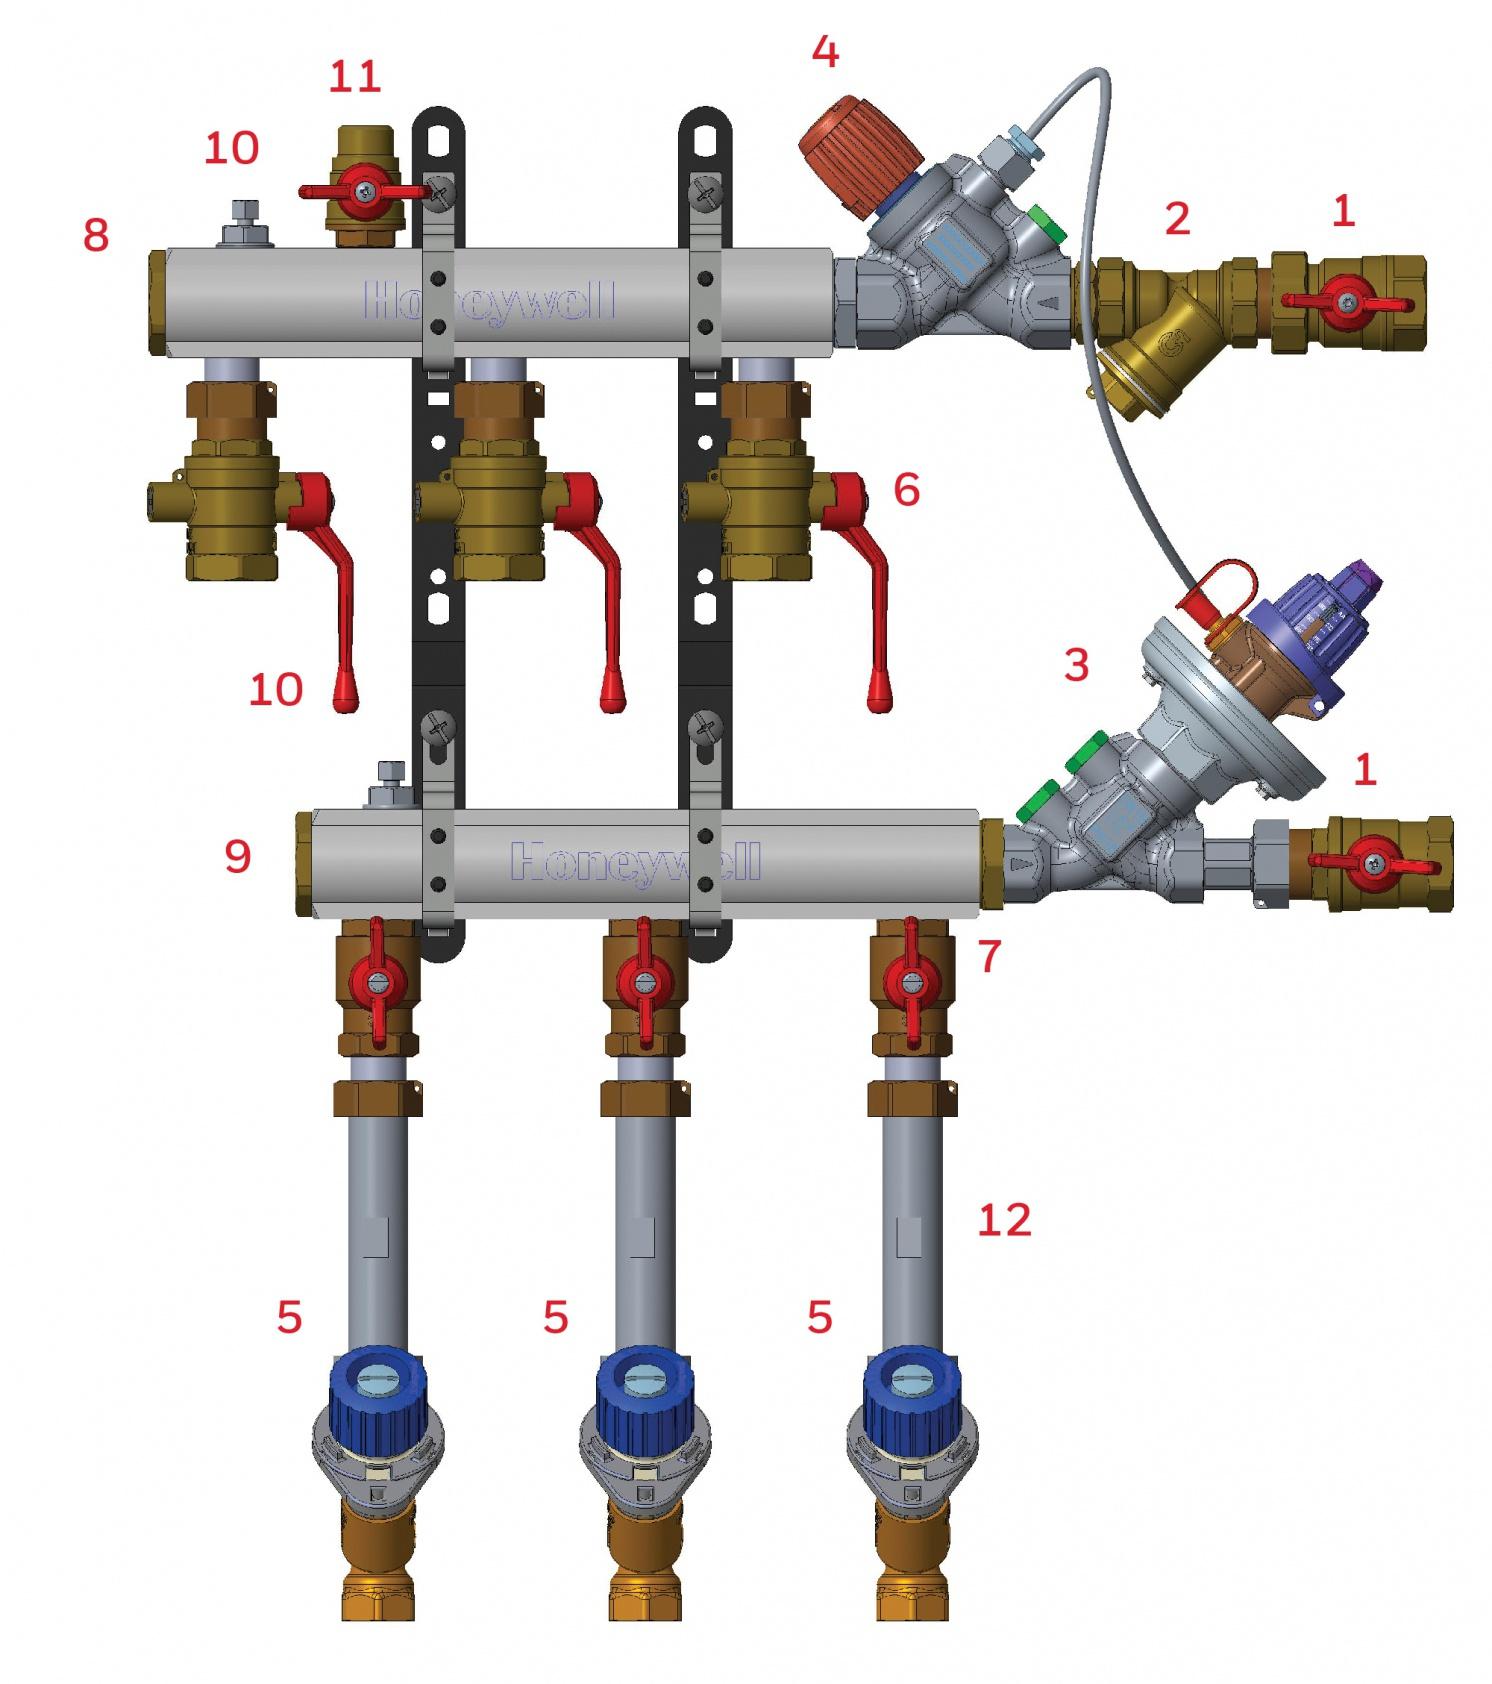 Коллекторный узел Honeywell поквартирного учета тепловой энергии типа MDU: впечатляющая компактность, гарантированное качество . 1/2018. Фото 1